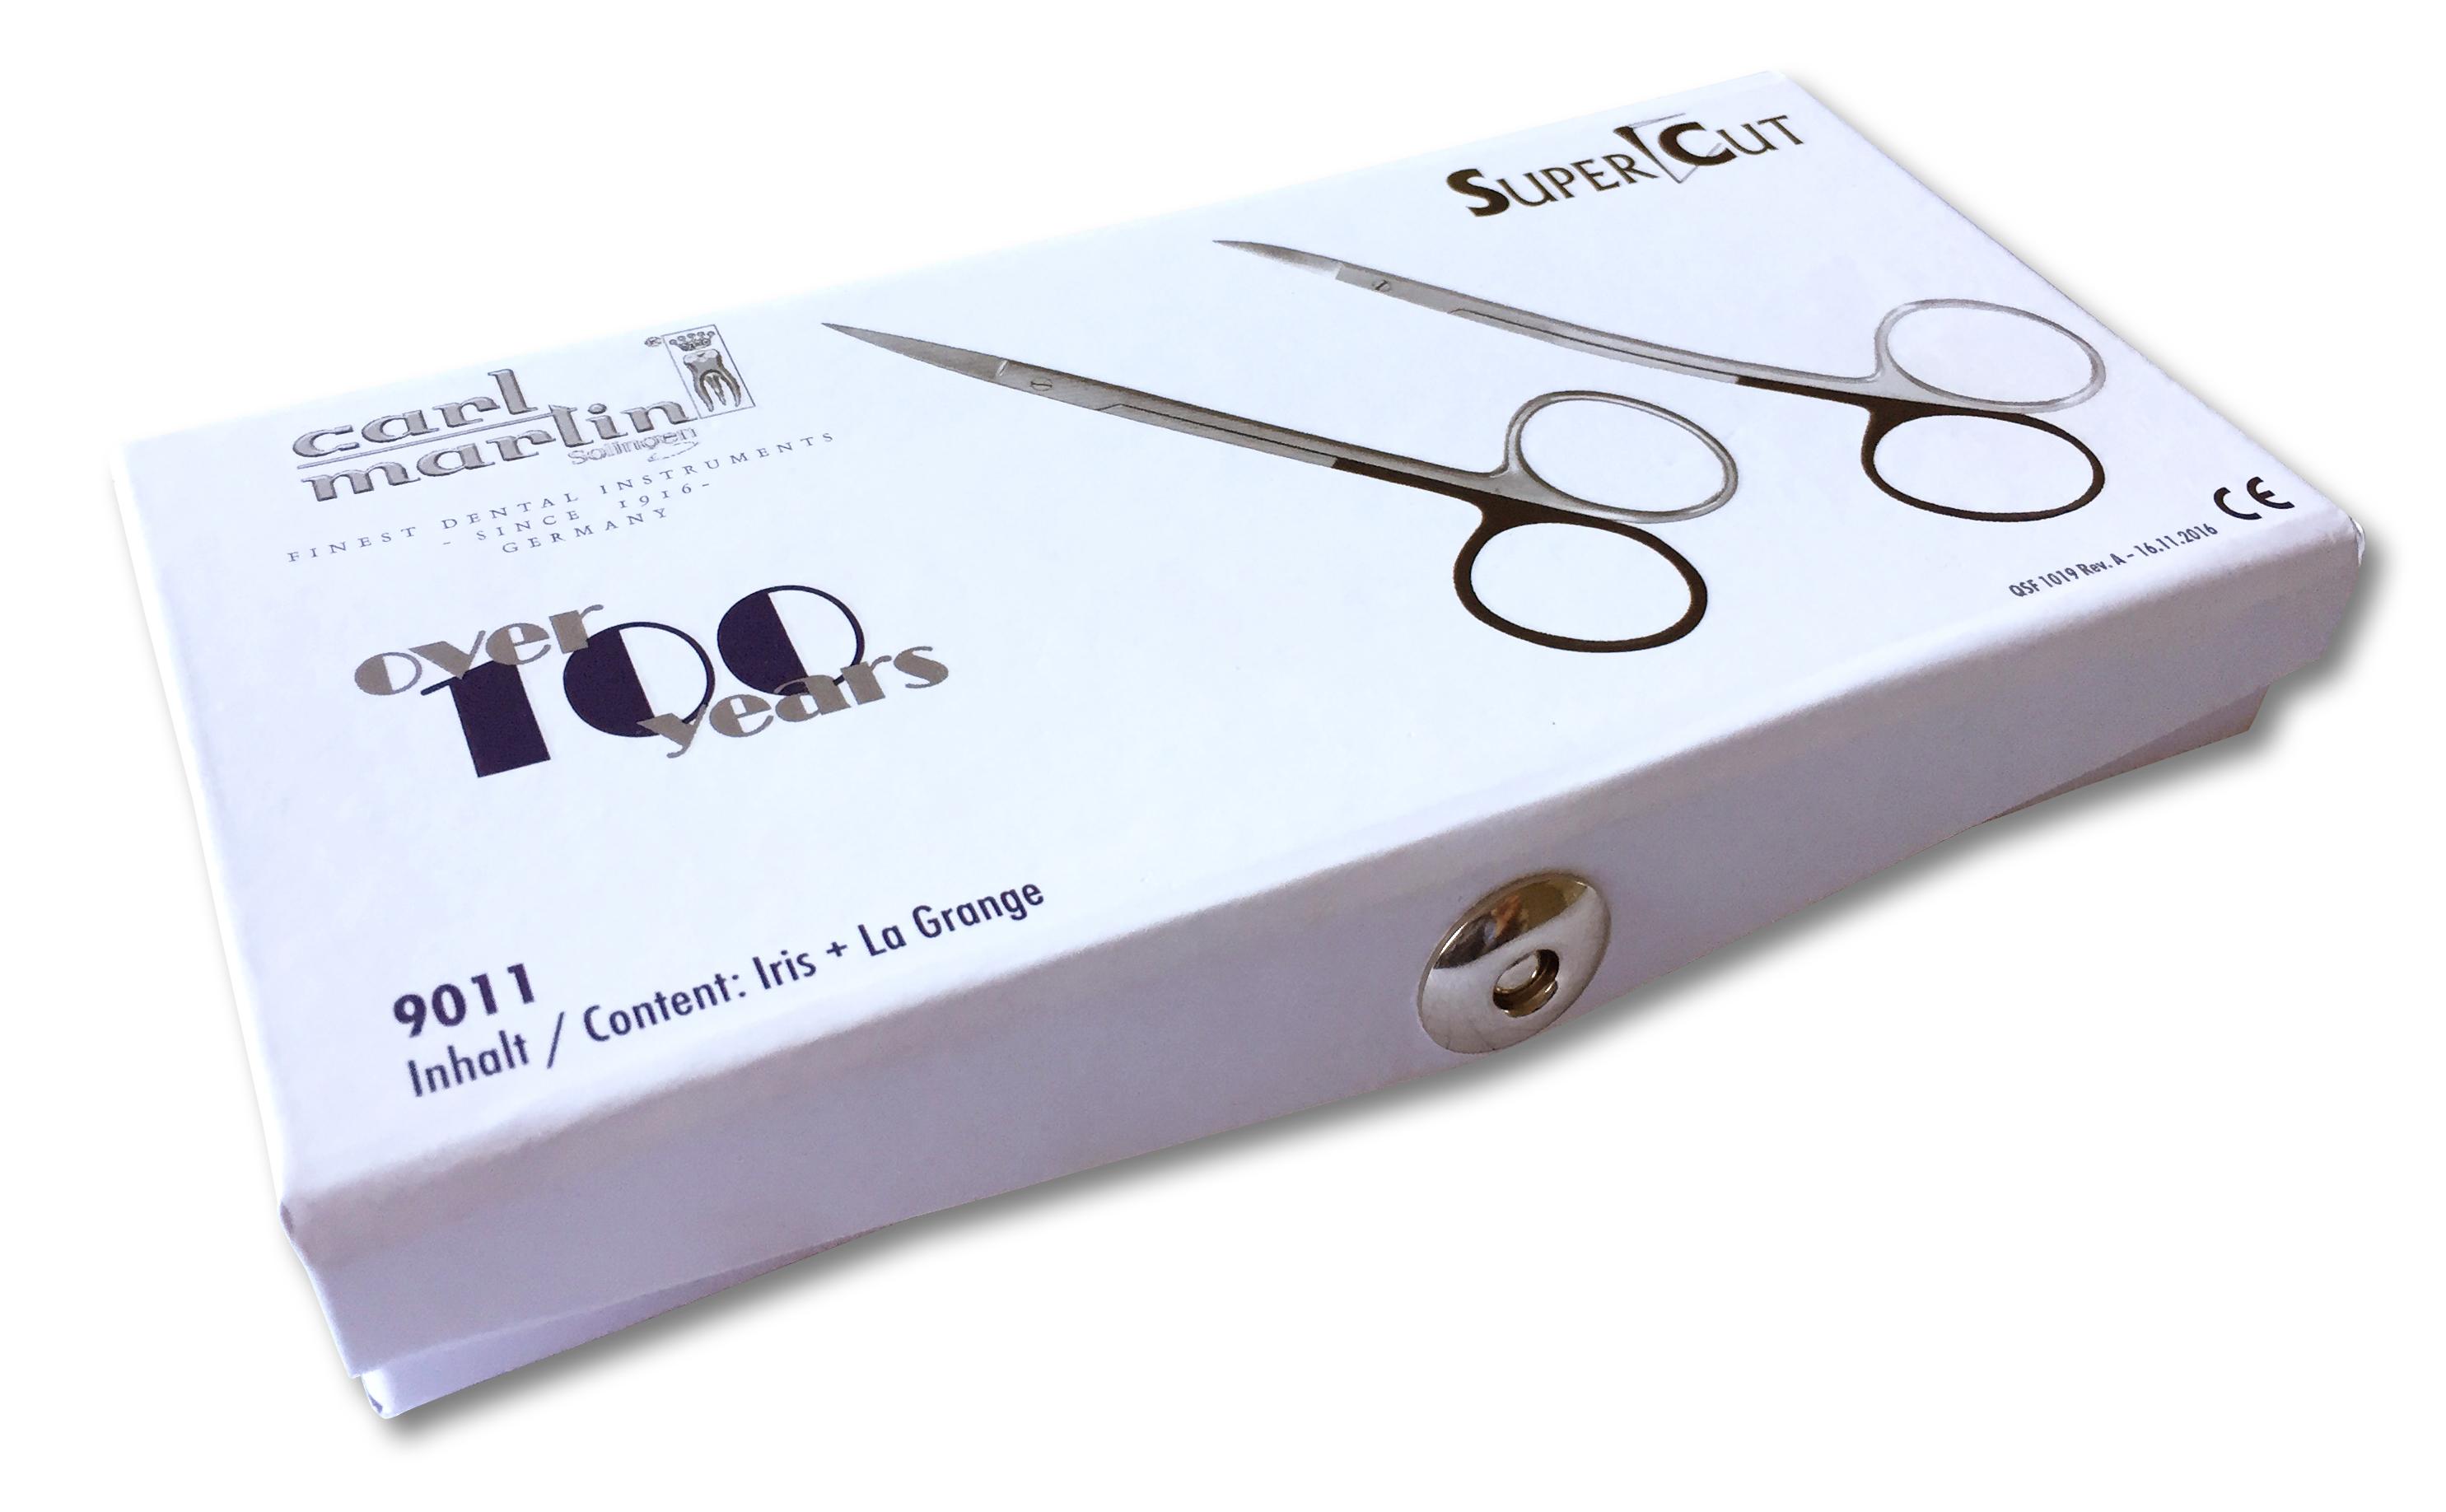 MicroCentrated SuperCut Scissors Set 9011